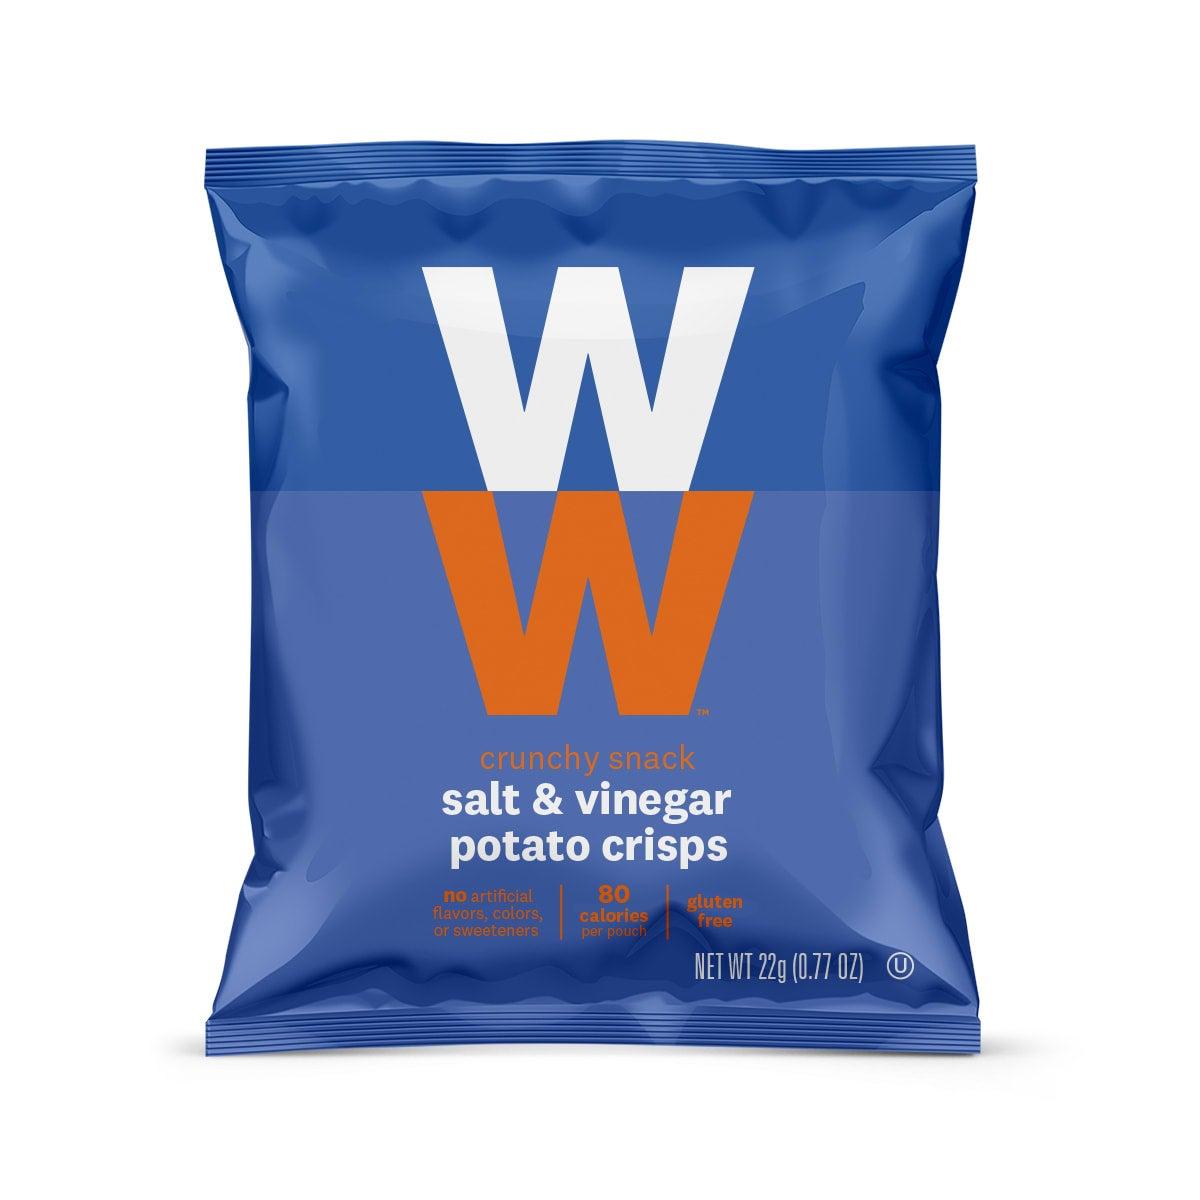 Salt and Vinegar Potato Crisps - front of pouch